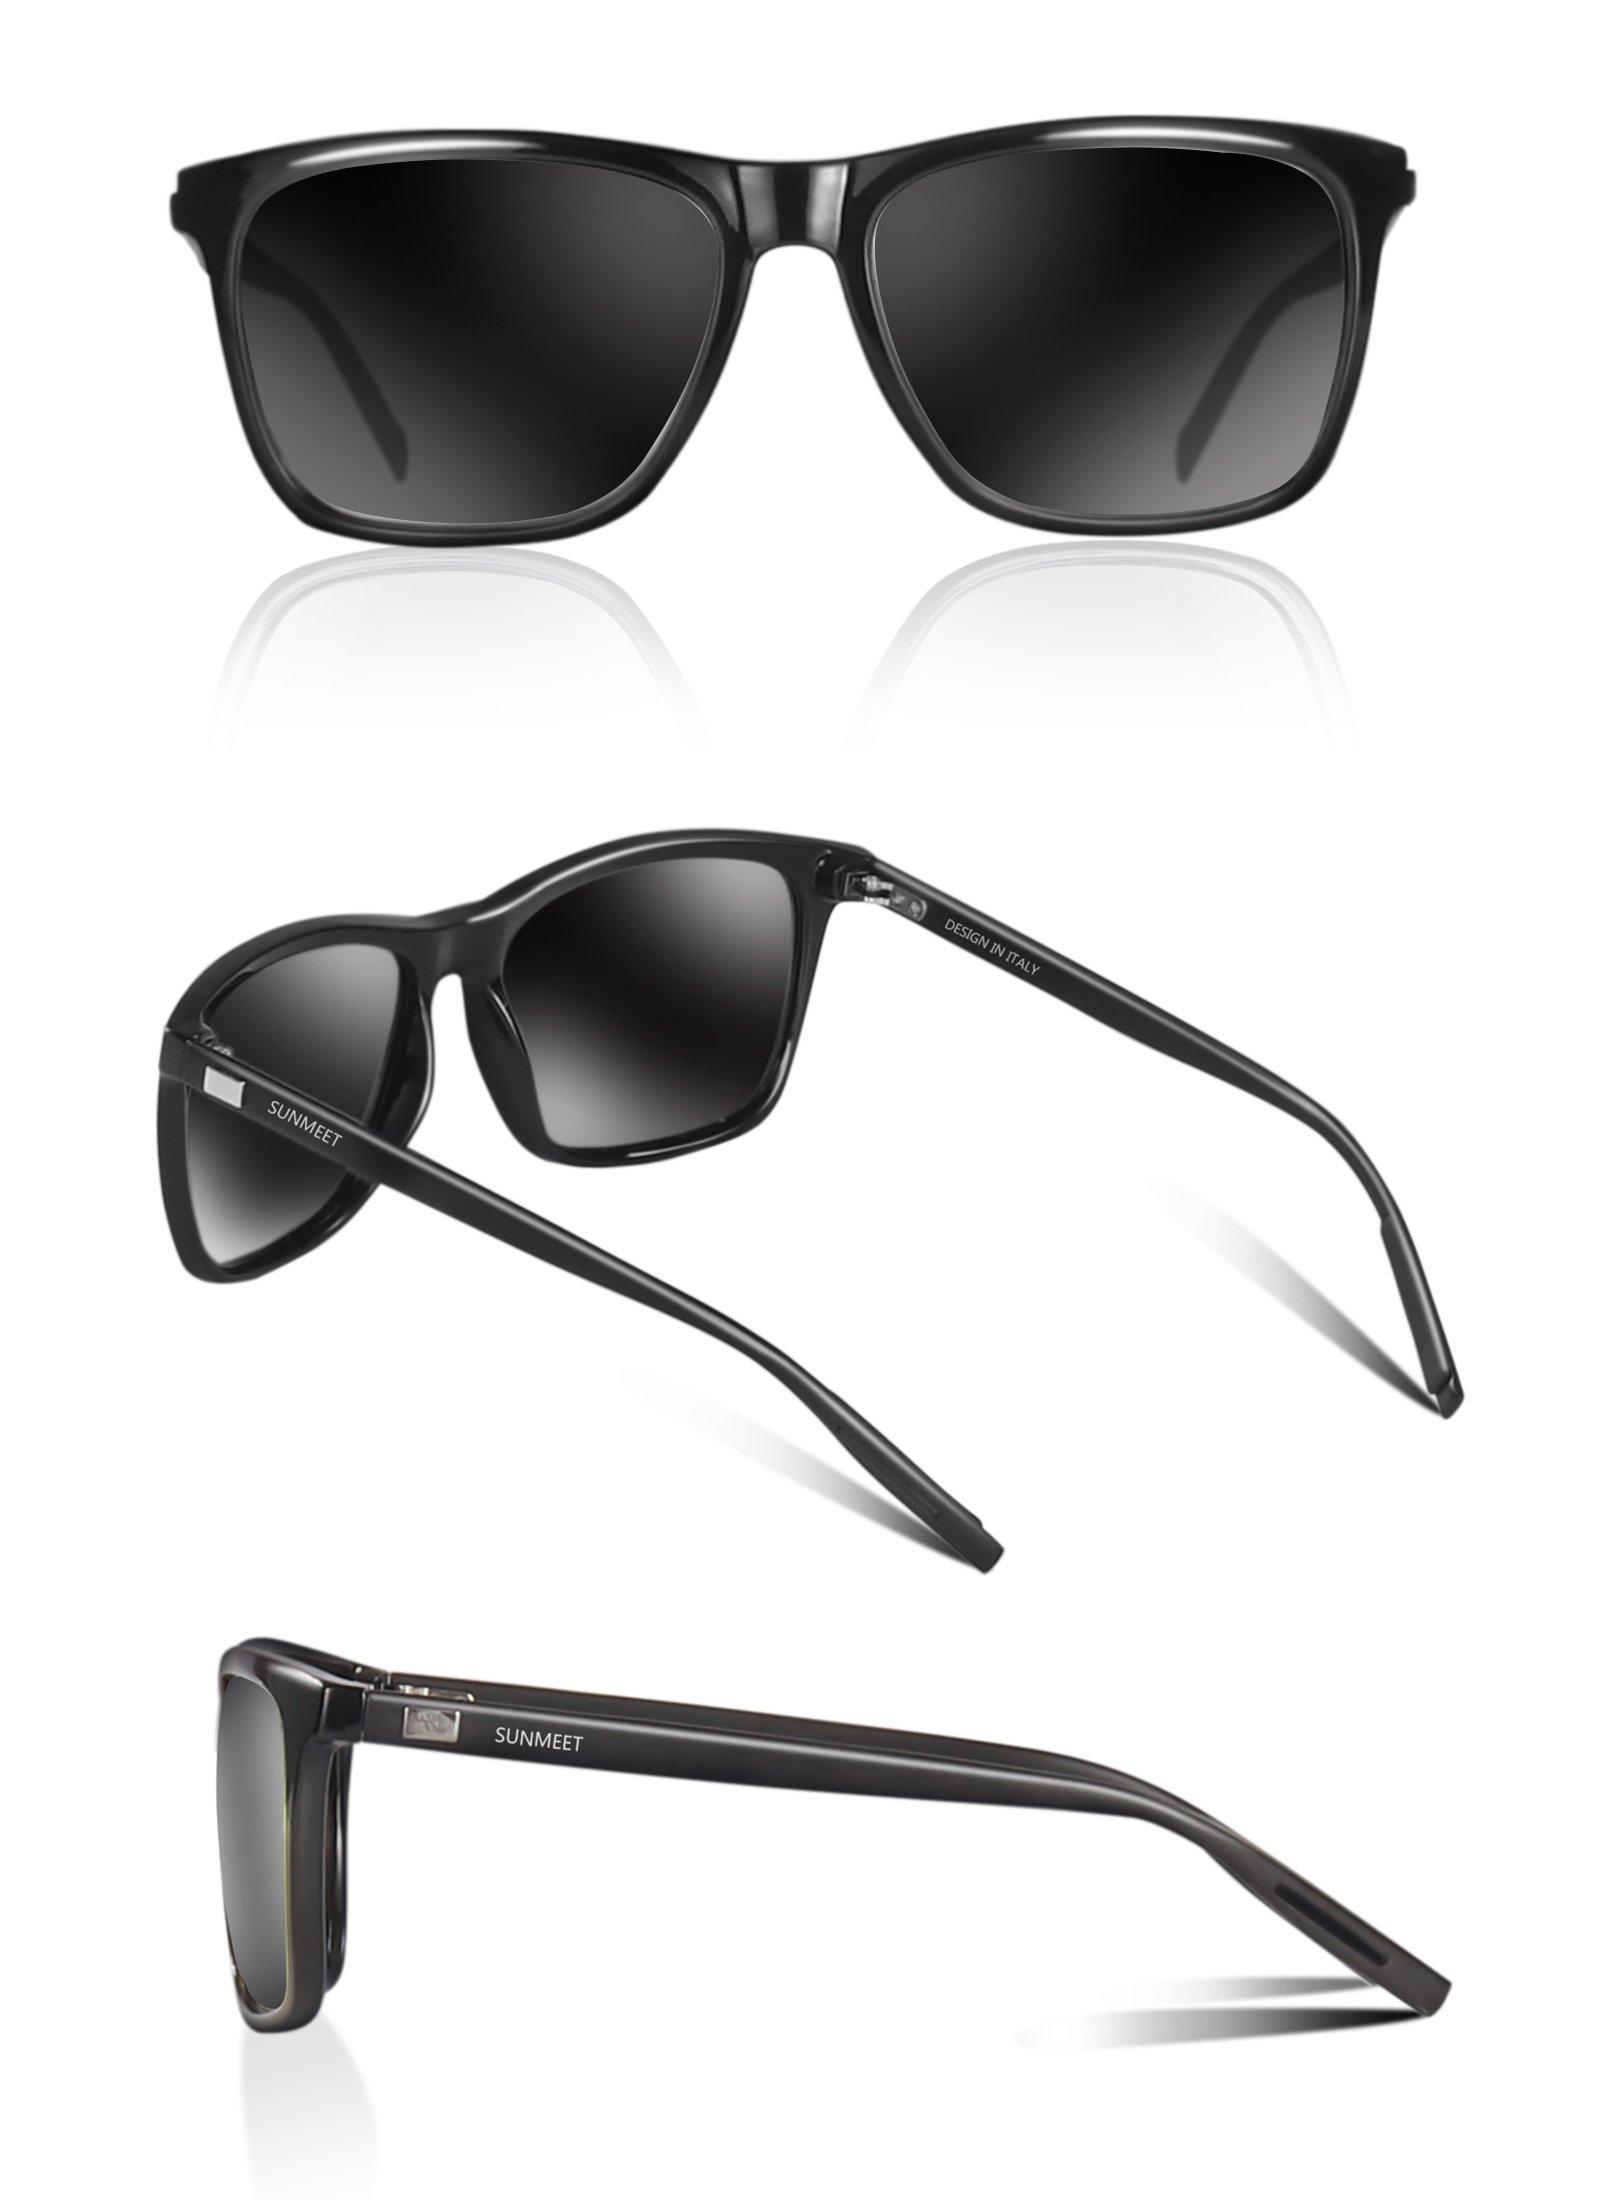 SUNMEET Gafas de sol Hombre Polarizadas Clásico Retro Gafas de sol ... c29b856b32